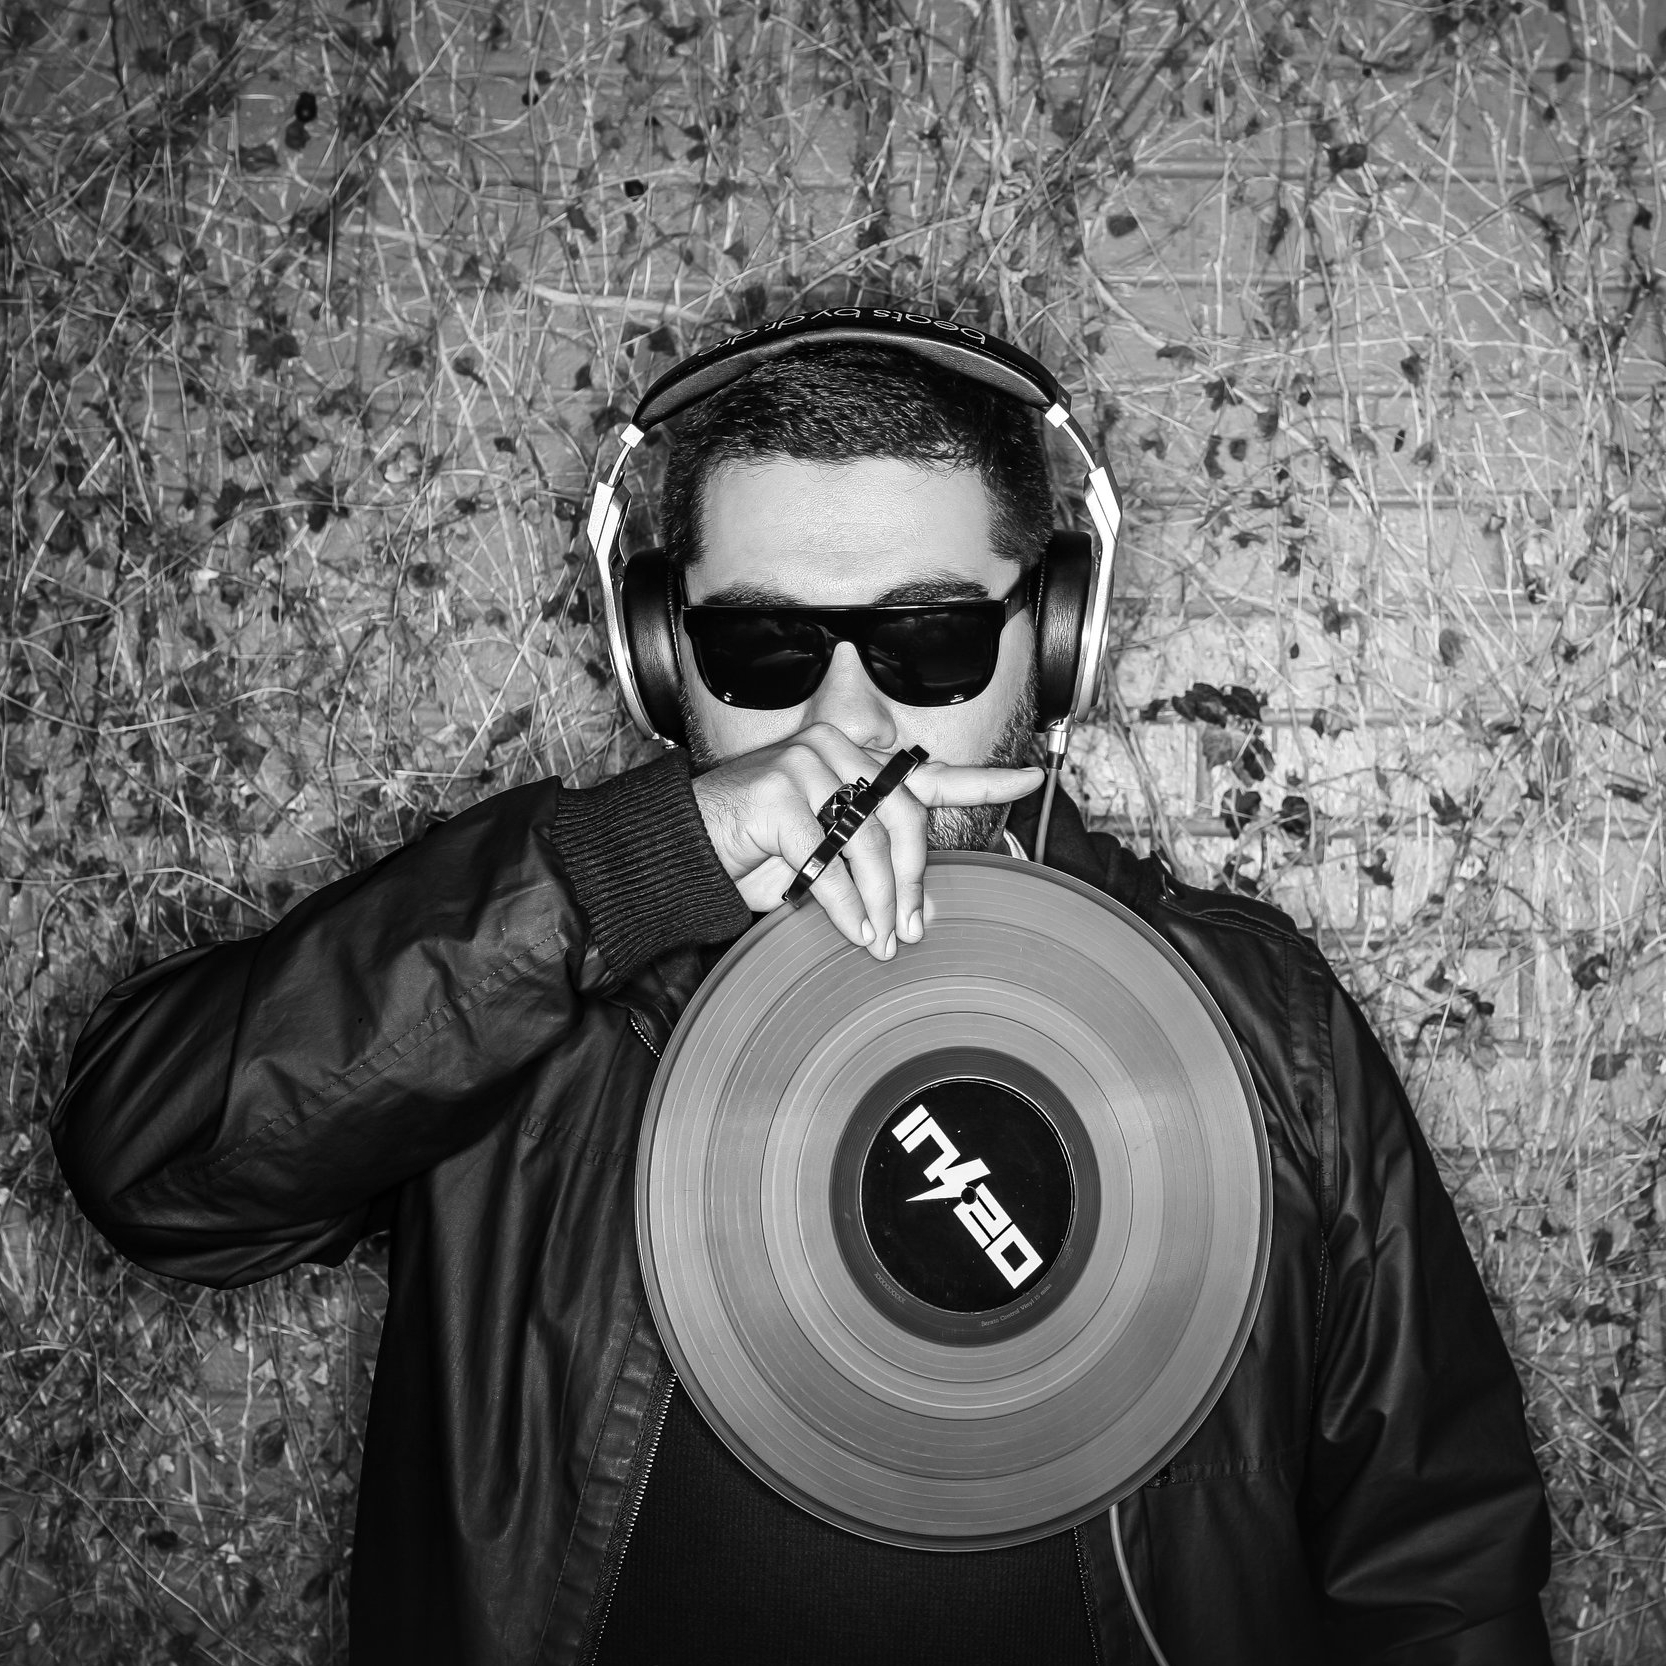 DJ INZO - @DJINZO